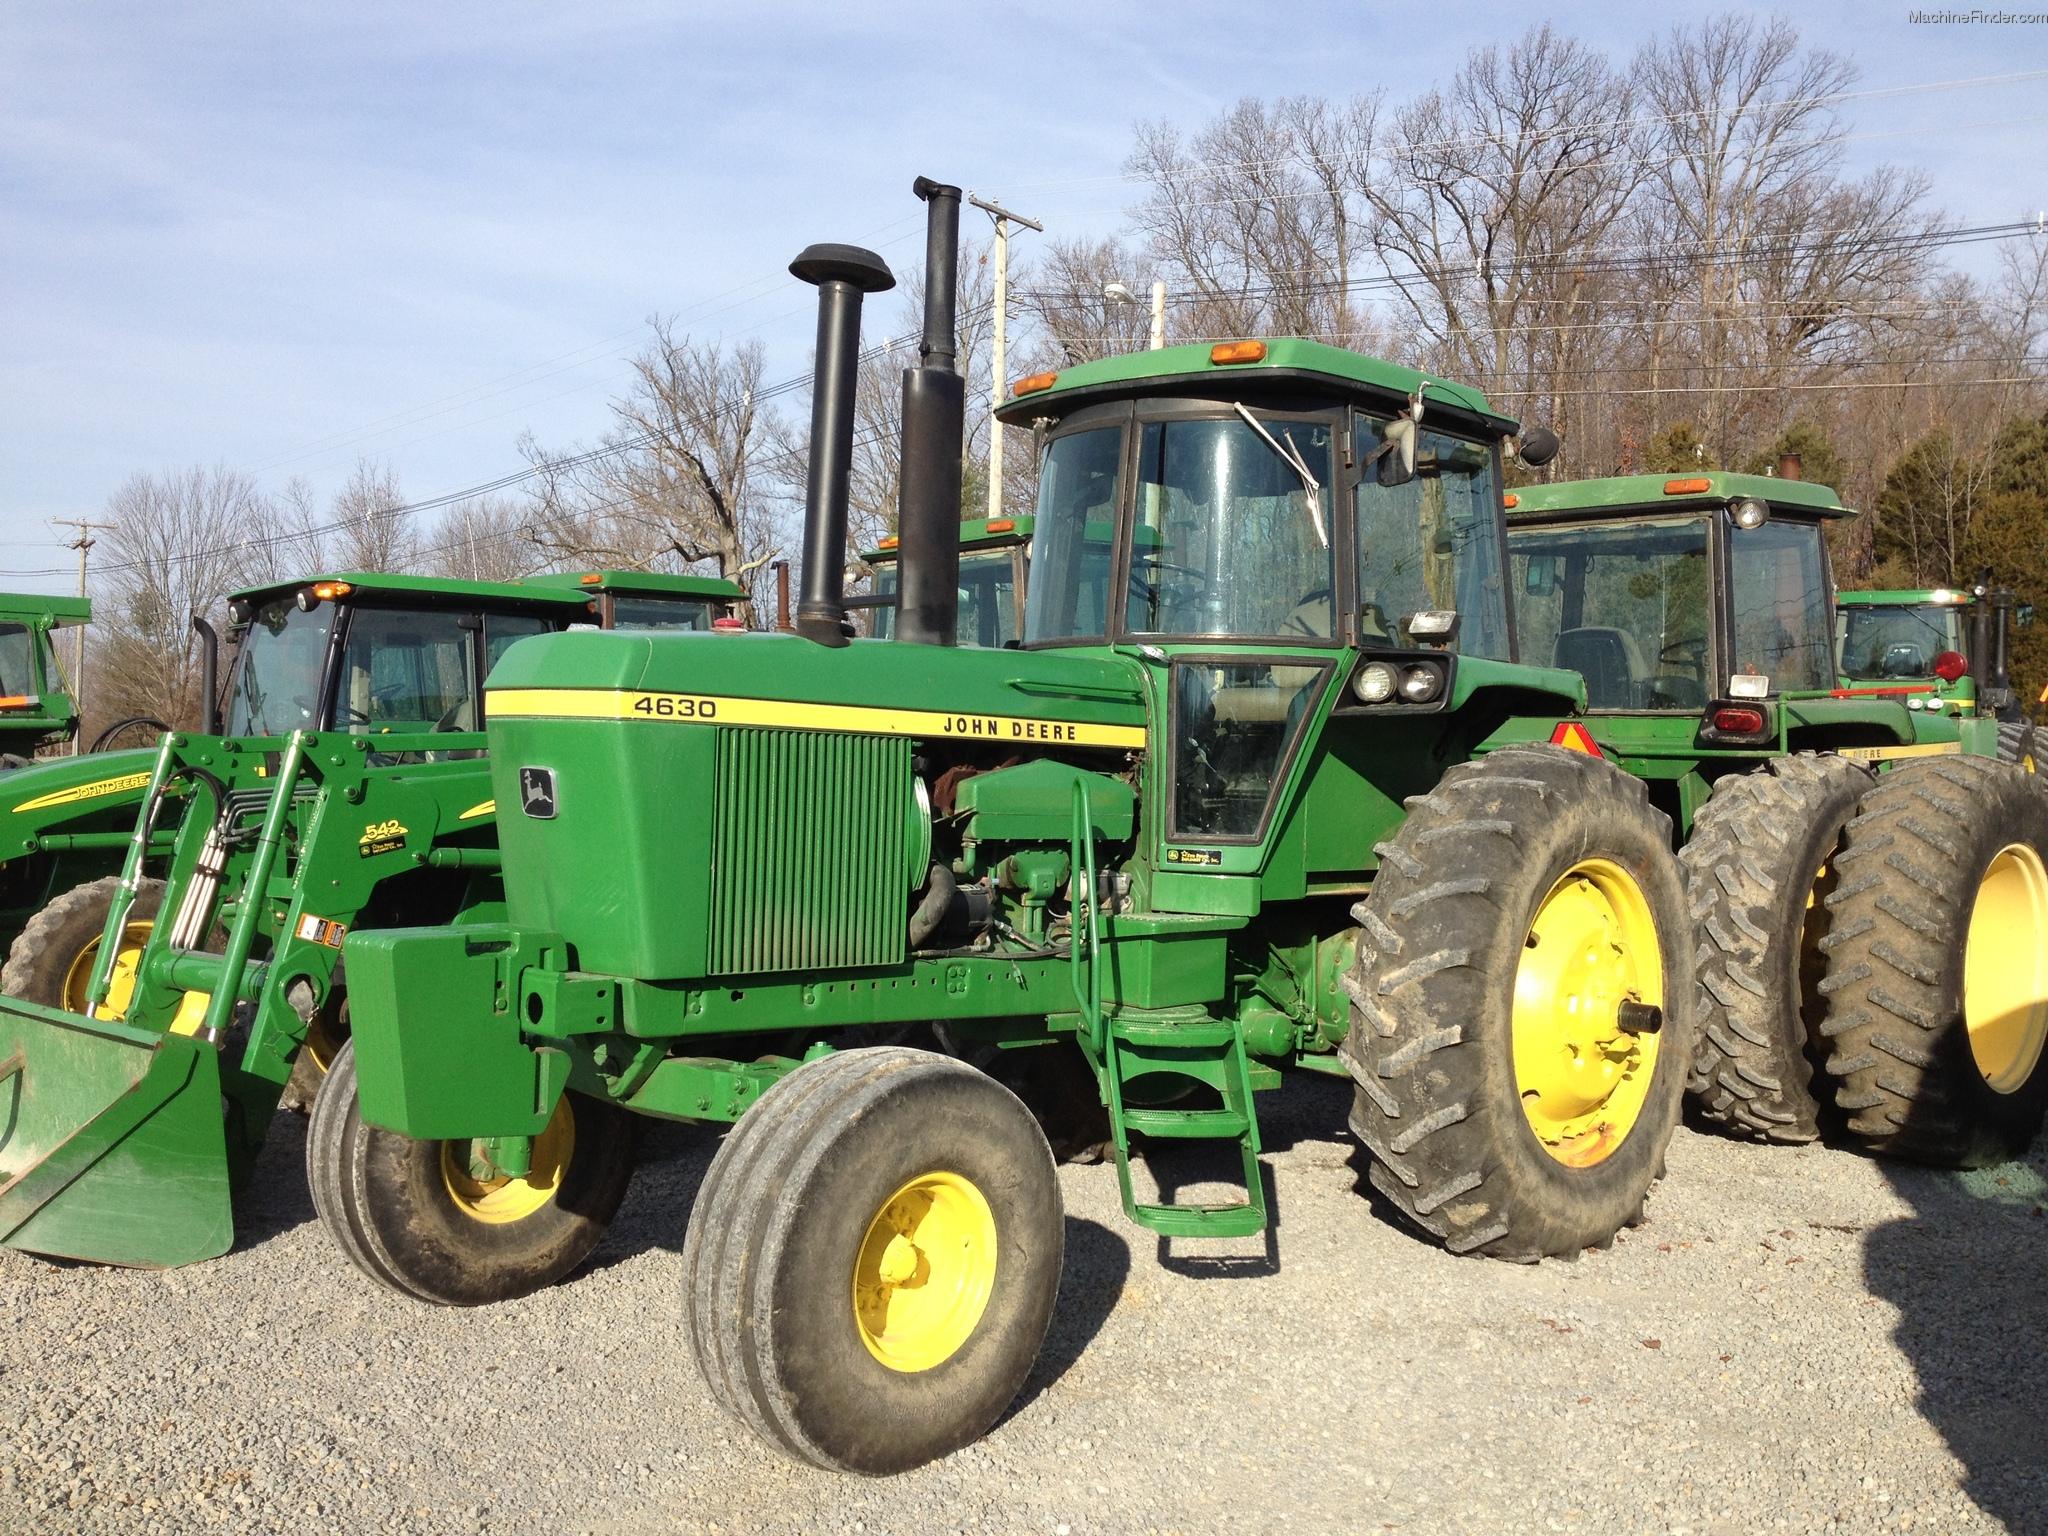 1974 John Deere 4630 Tractors - Row Crop (+100hp)